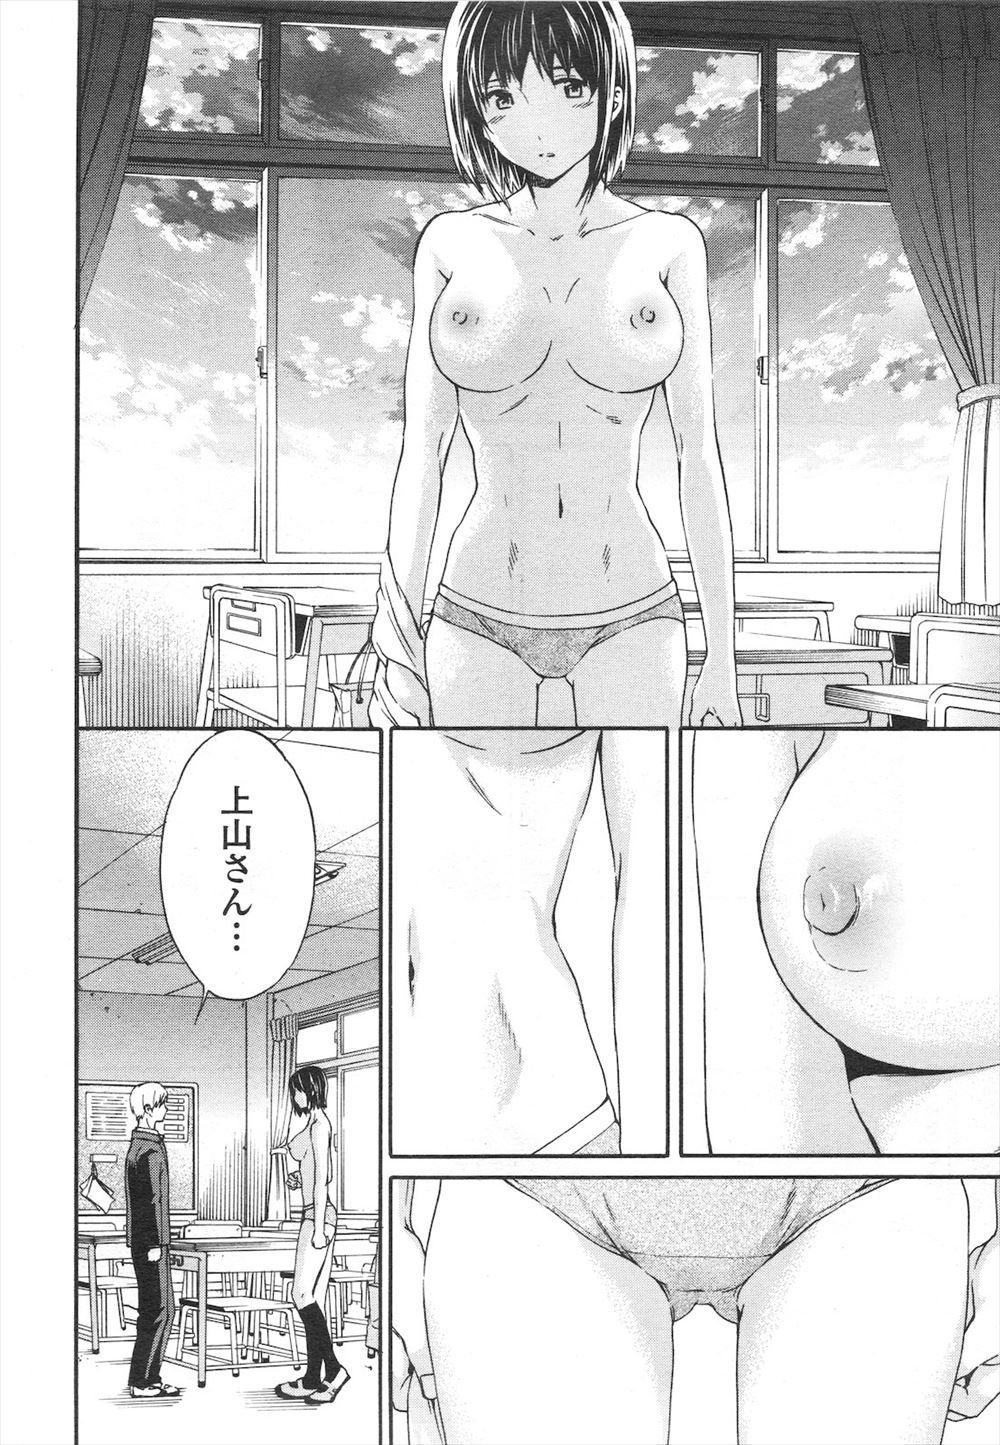 【エロ漫画】レギュラーを取れず落ち込む華奢な男子を励ますソフトボール部のエースJKが女の身体を確かめさせ自信を持たす!